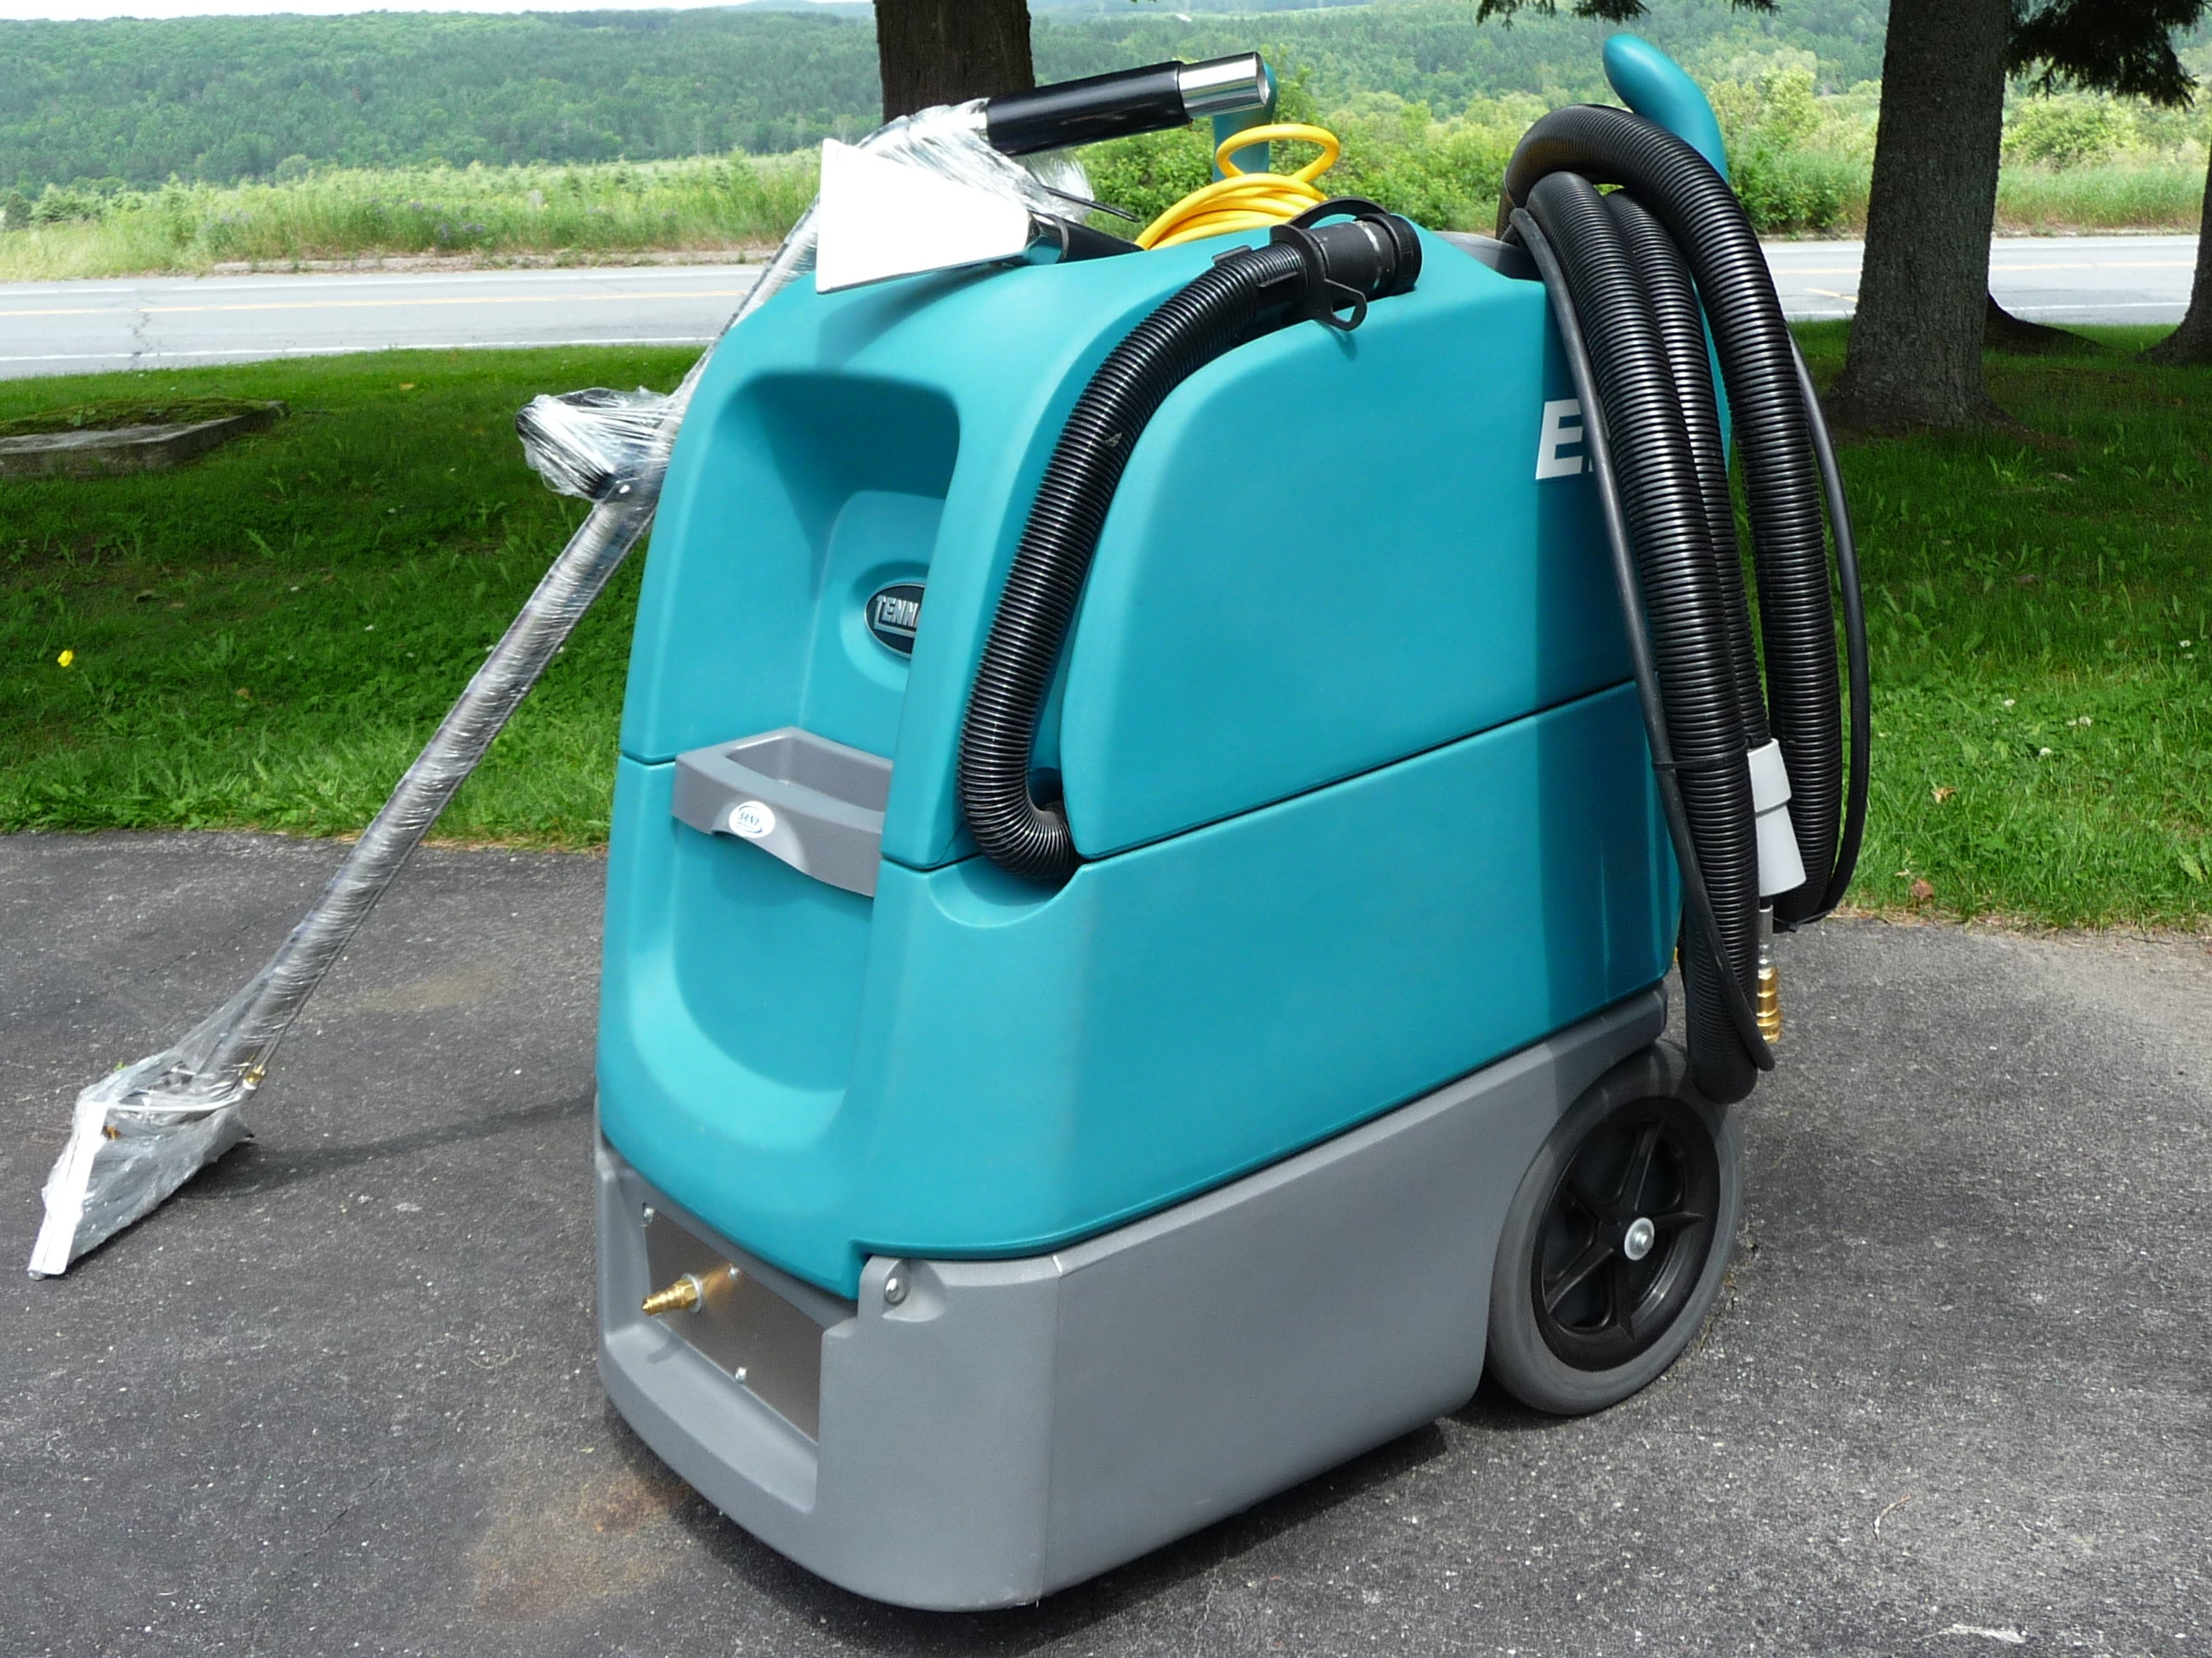 nous avons fait l acquisition d un nouvelle machine pour laver les tapis dans les edifices commerciaux nous offrons desormais ce service